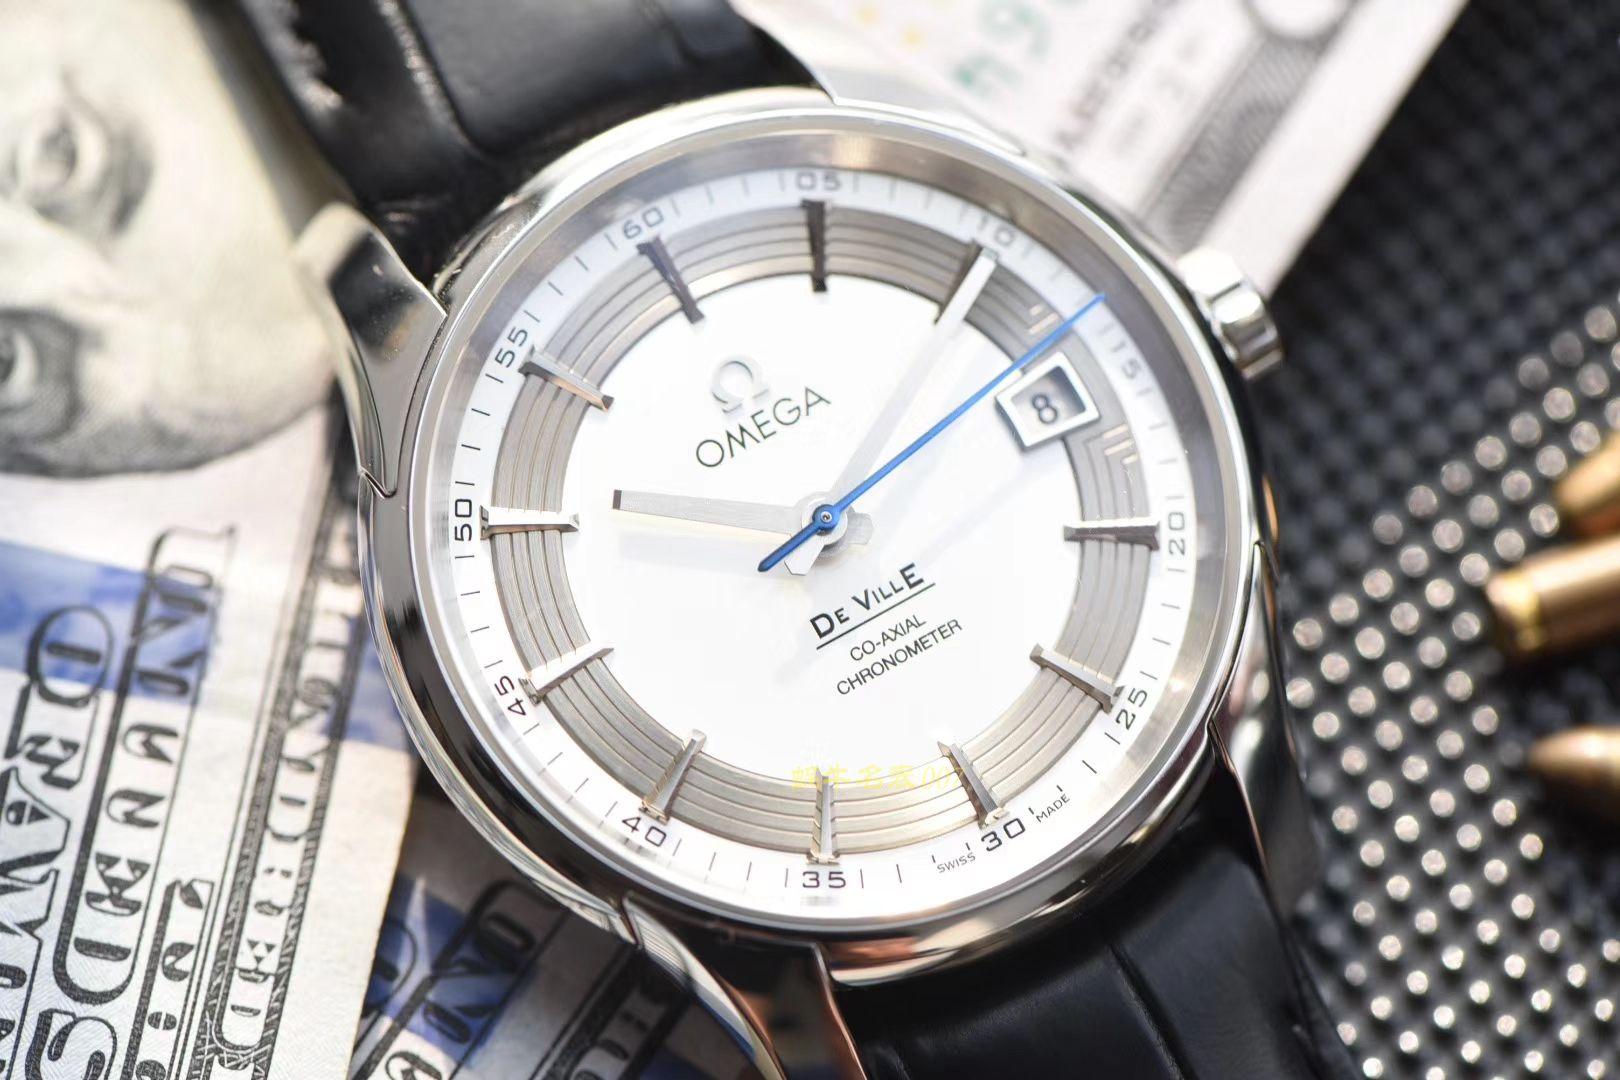 视频评测欧米茄碟飞系列431.33.41.21.02.001腕表【VS厂精品 蝶飞侧透 一比一超A高仿手表】 / M363